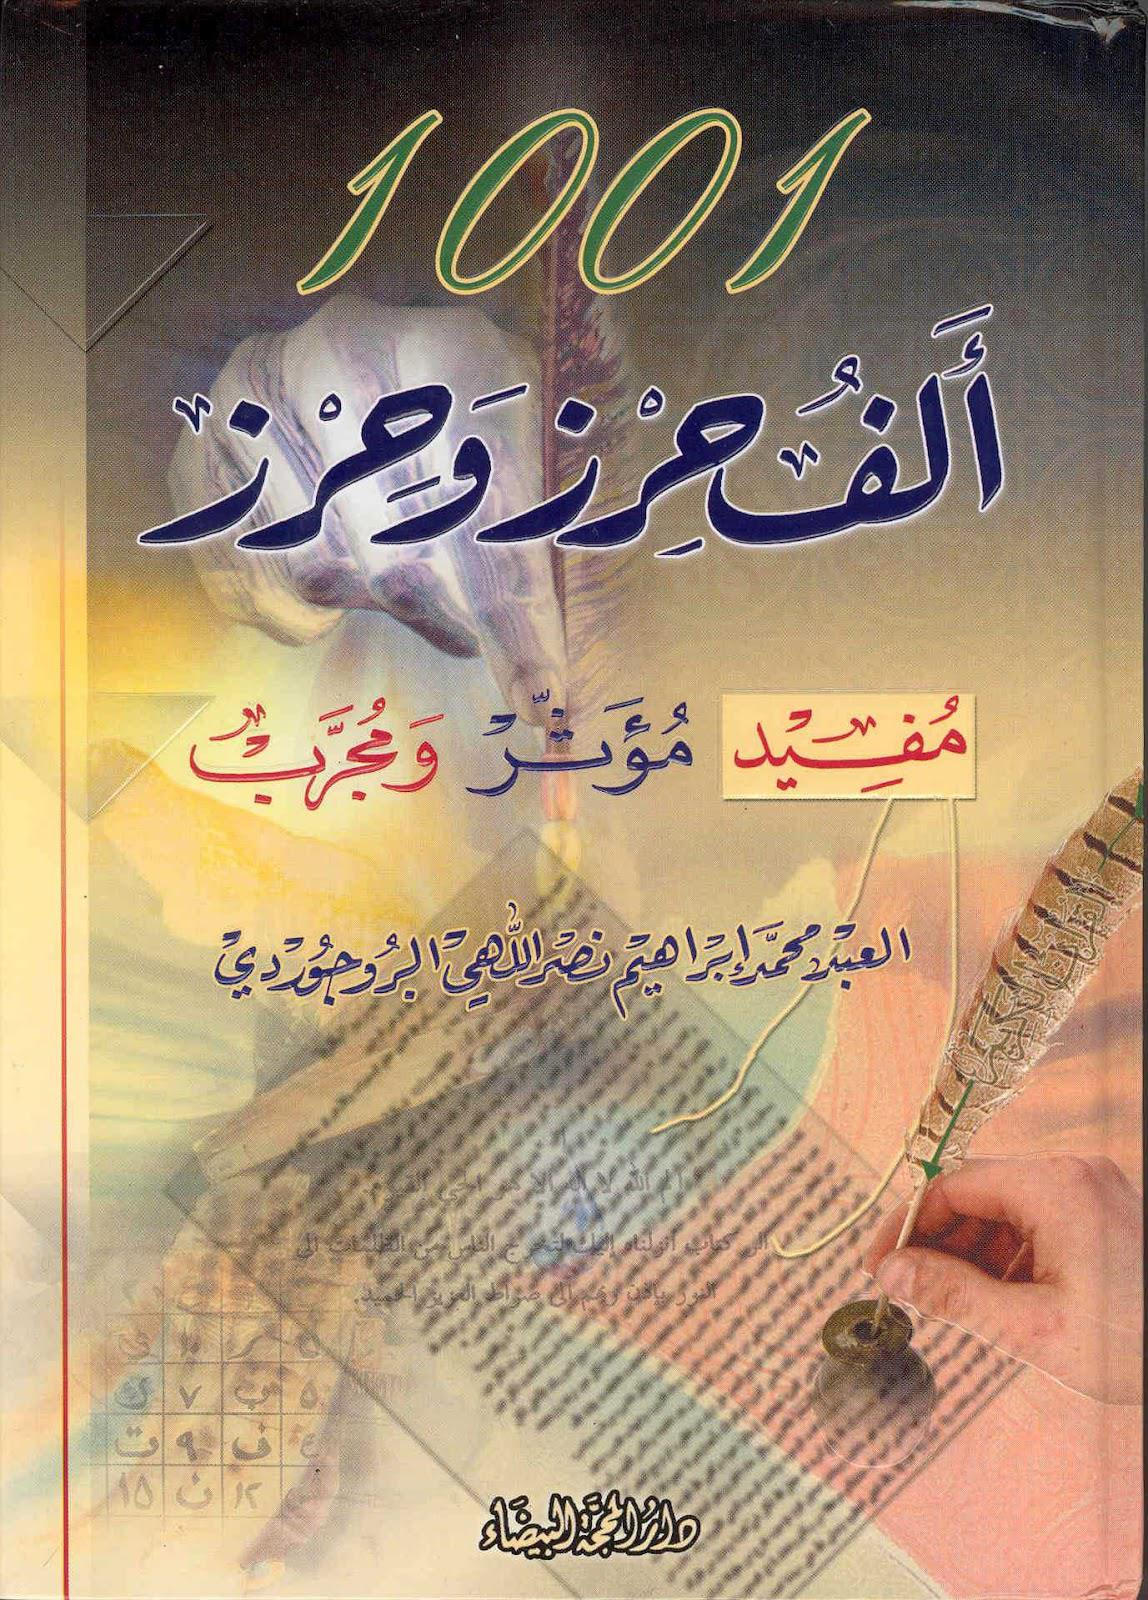 كتاب 1500 حرز وحرز